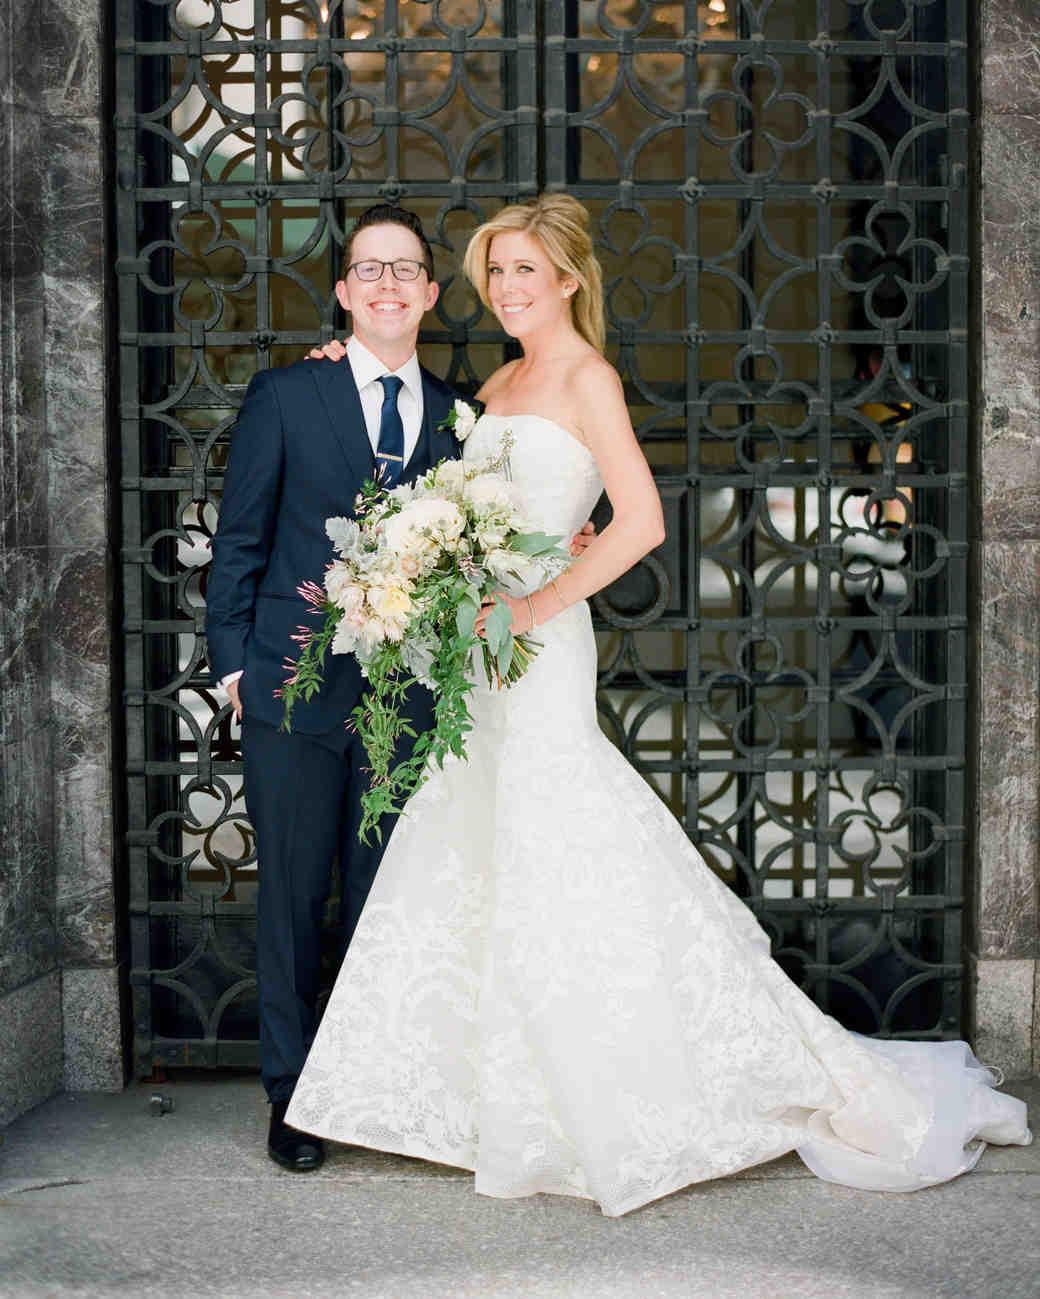 amy-bob-wedding-couple-0255-s111884-0715.jpg